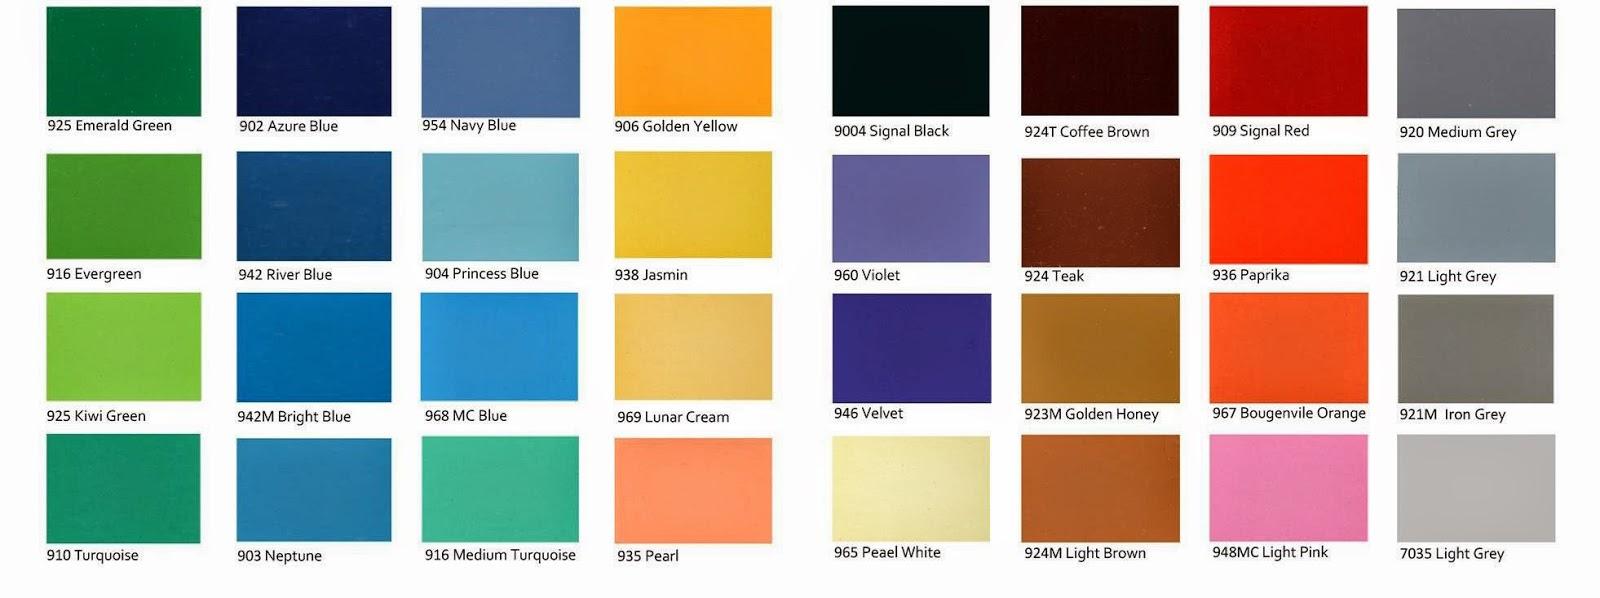 Tips memilih warna cat rumah bagus dan minimalis - Tips Memilih Warna Cat Rumah Bagus Dan Minimalis 46